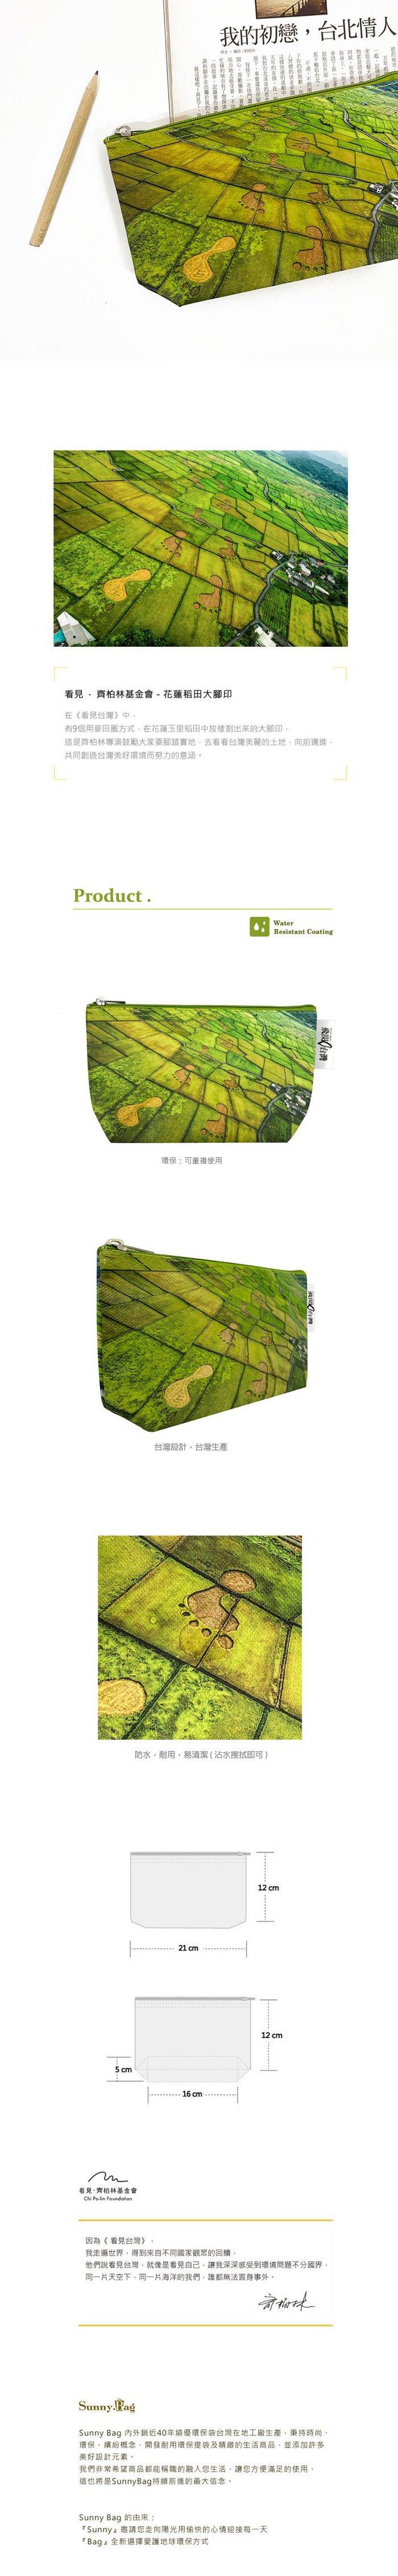 (複製)Sunny Bag|看見‧齊柏林基金會-化妝包-高雄港外的輪船